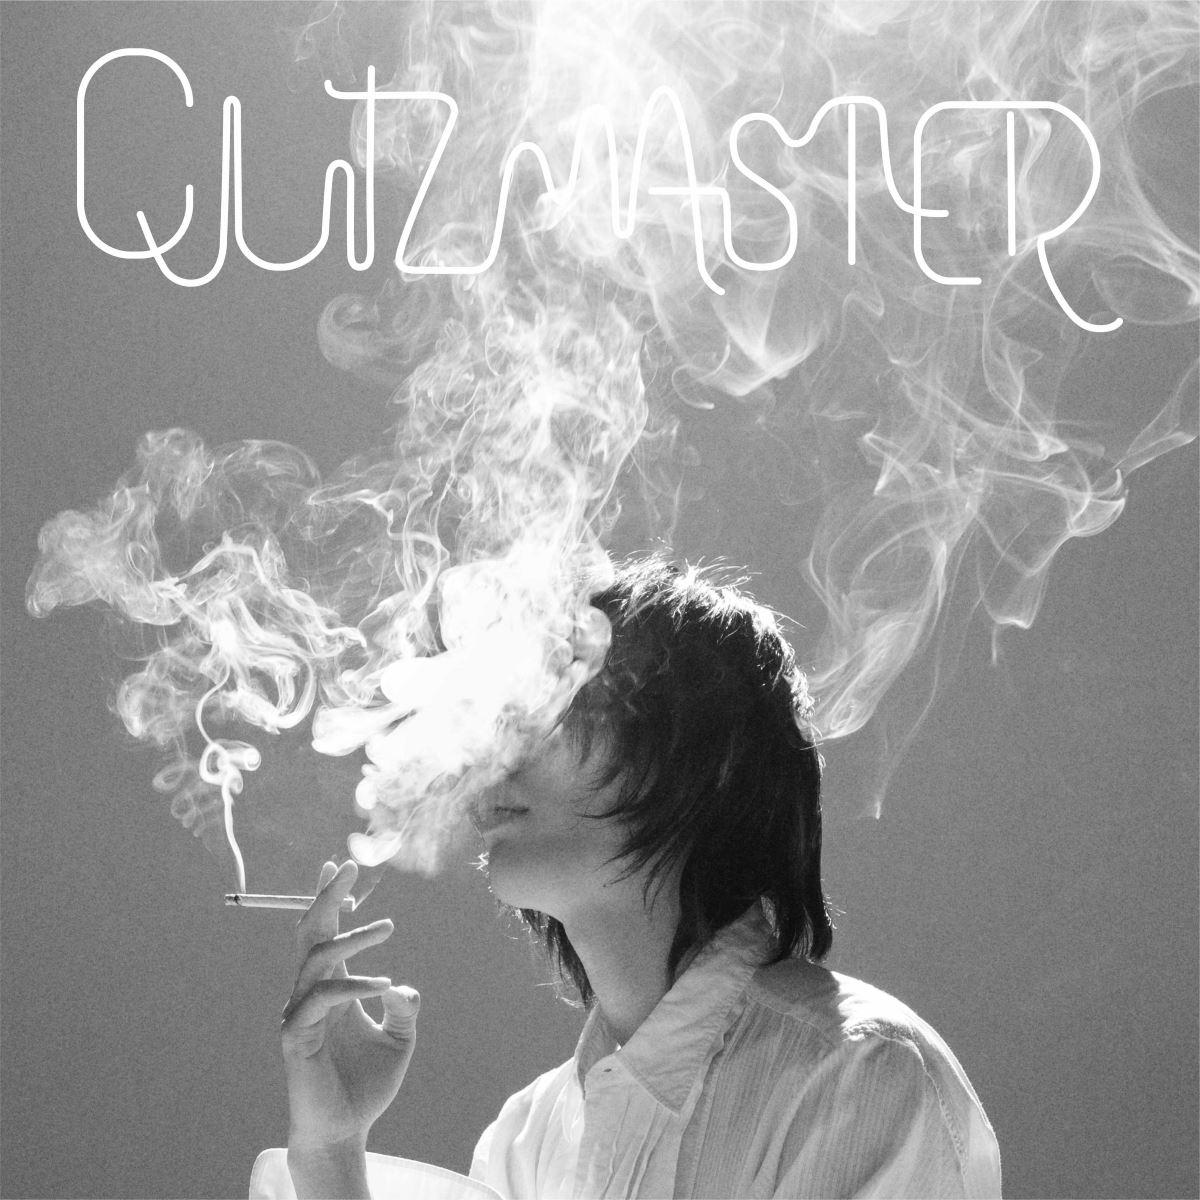 『NICO Touches the Walls - KAIZOKU?』収録の『QUIZMASTER』ジャケット